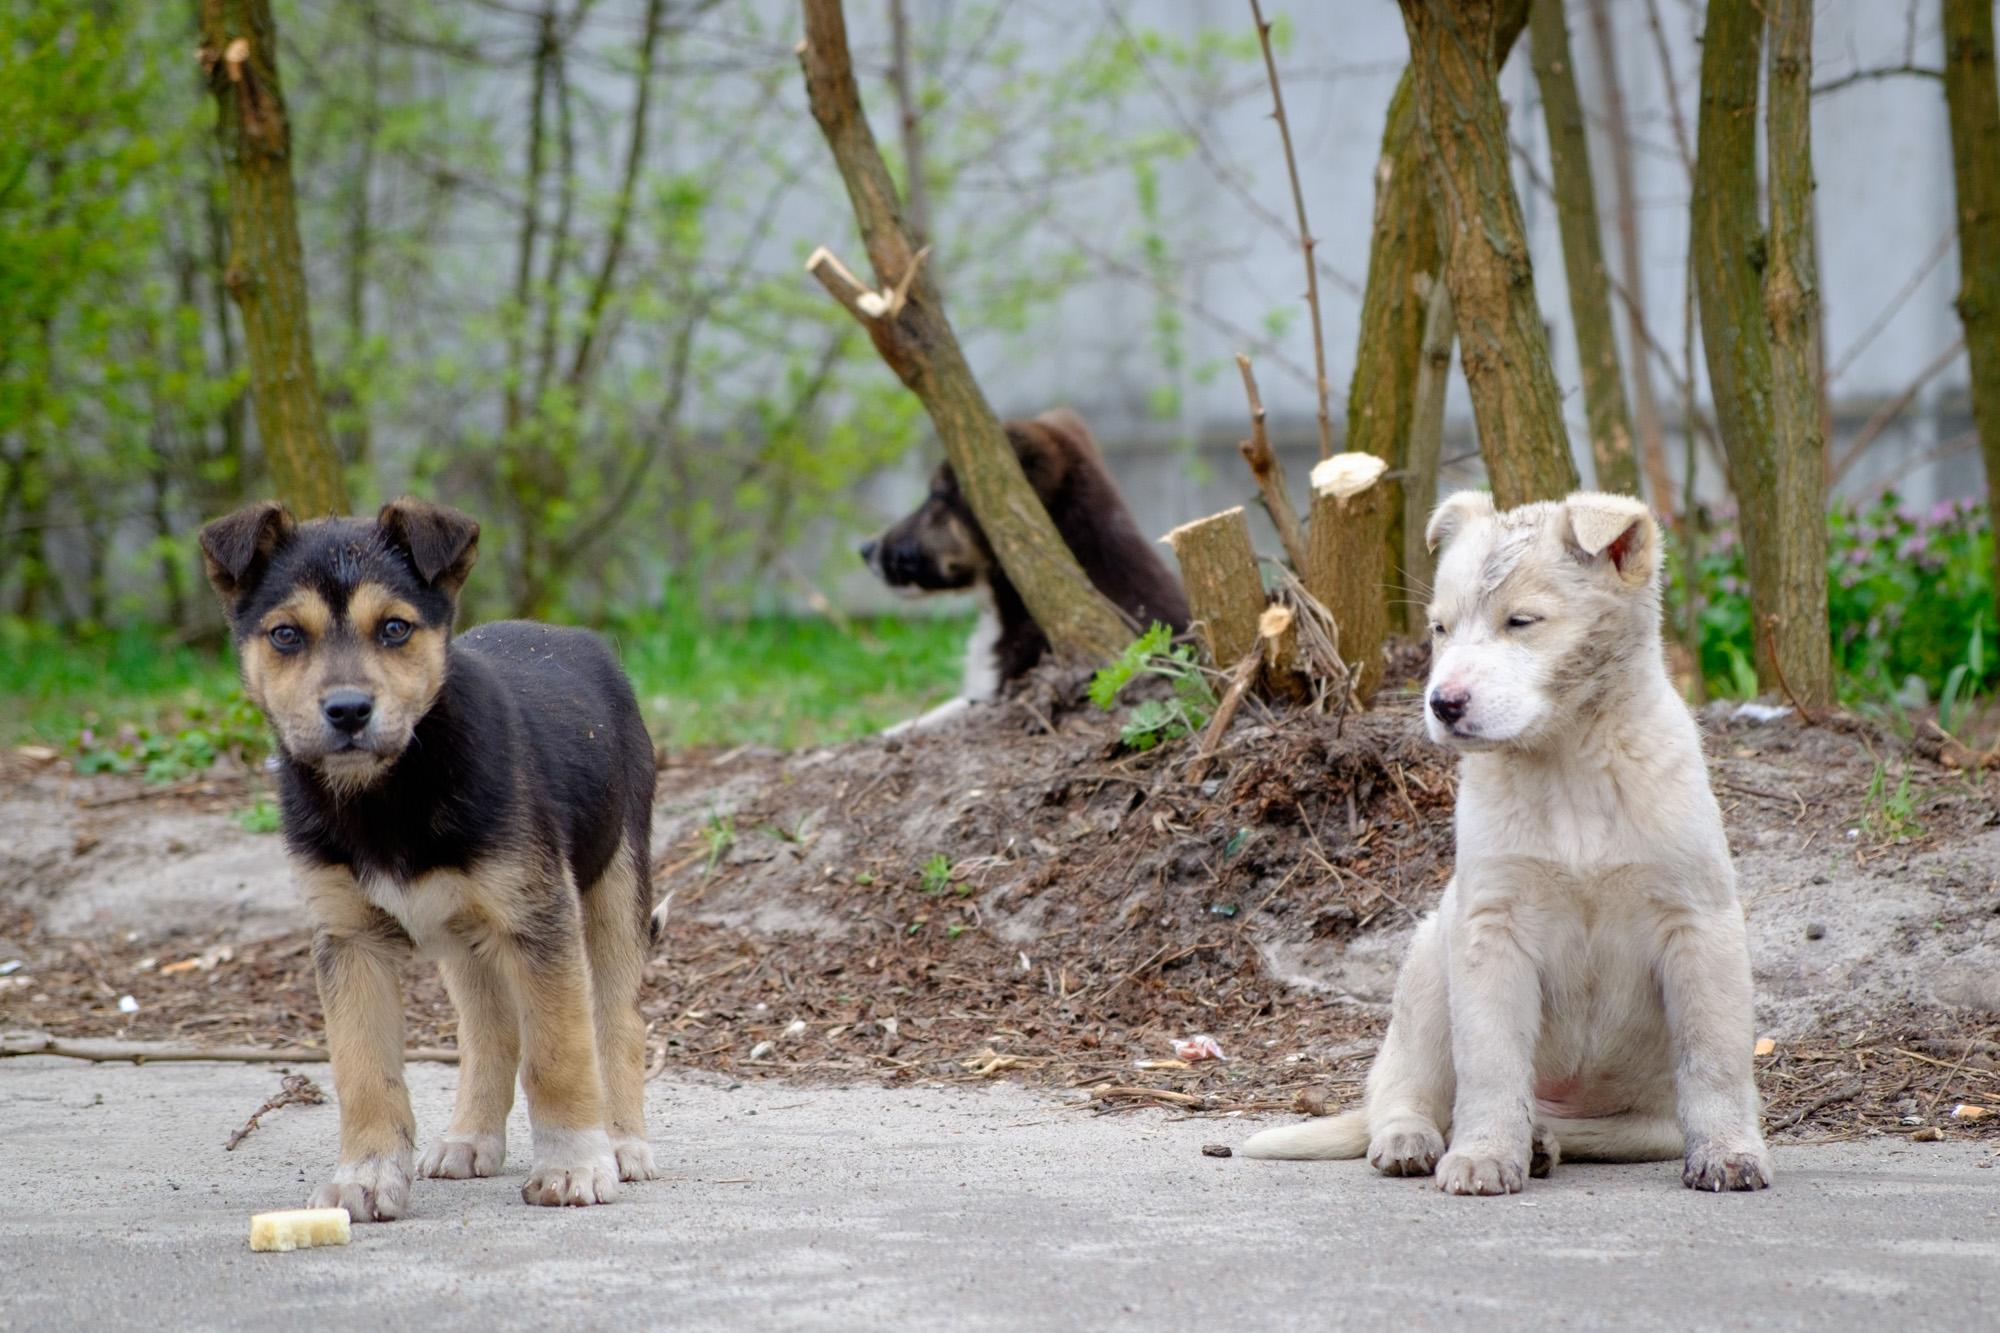 chernobyl-dogs-2